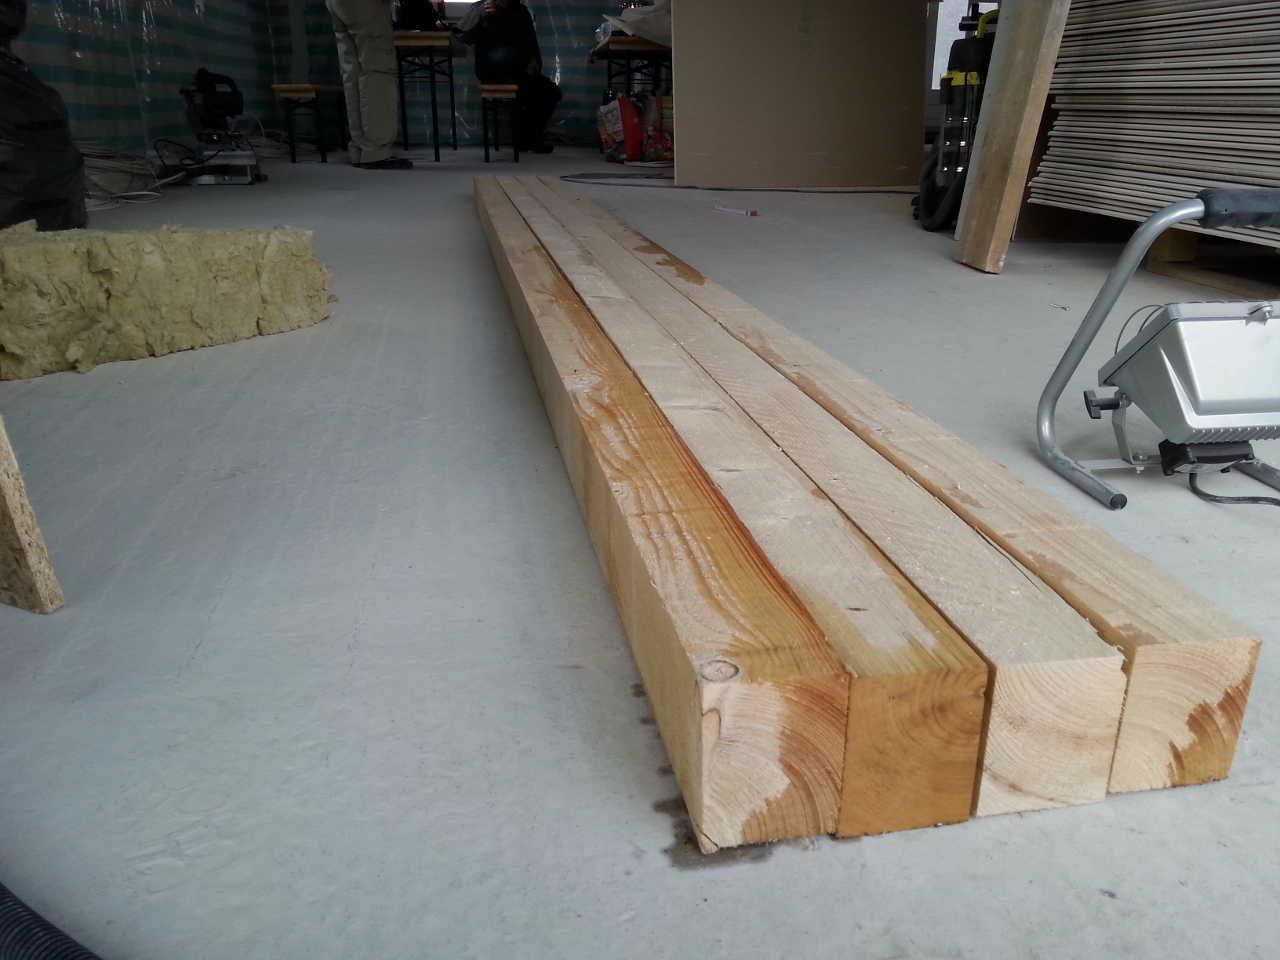 Dachbodenausbau Treppe dämmung rudirudel de hausbau und äh alles andere dämmung das